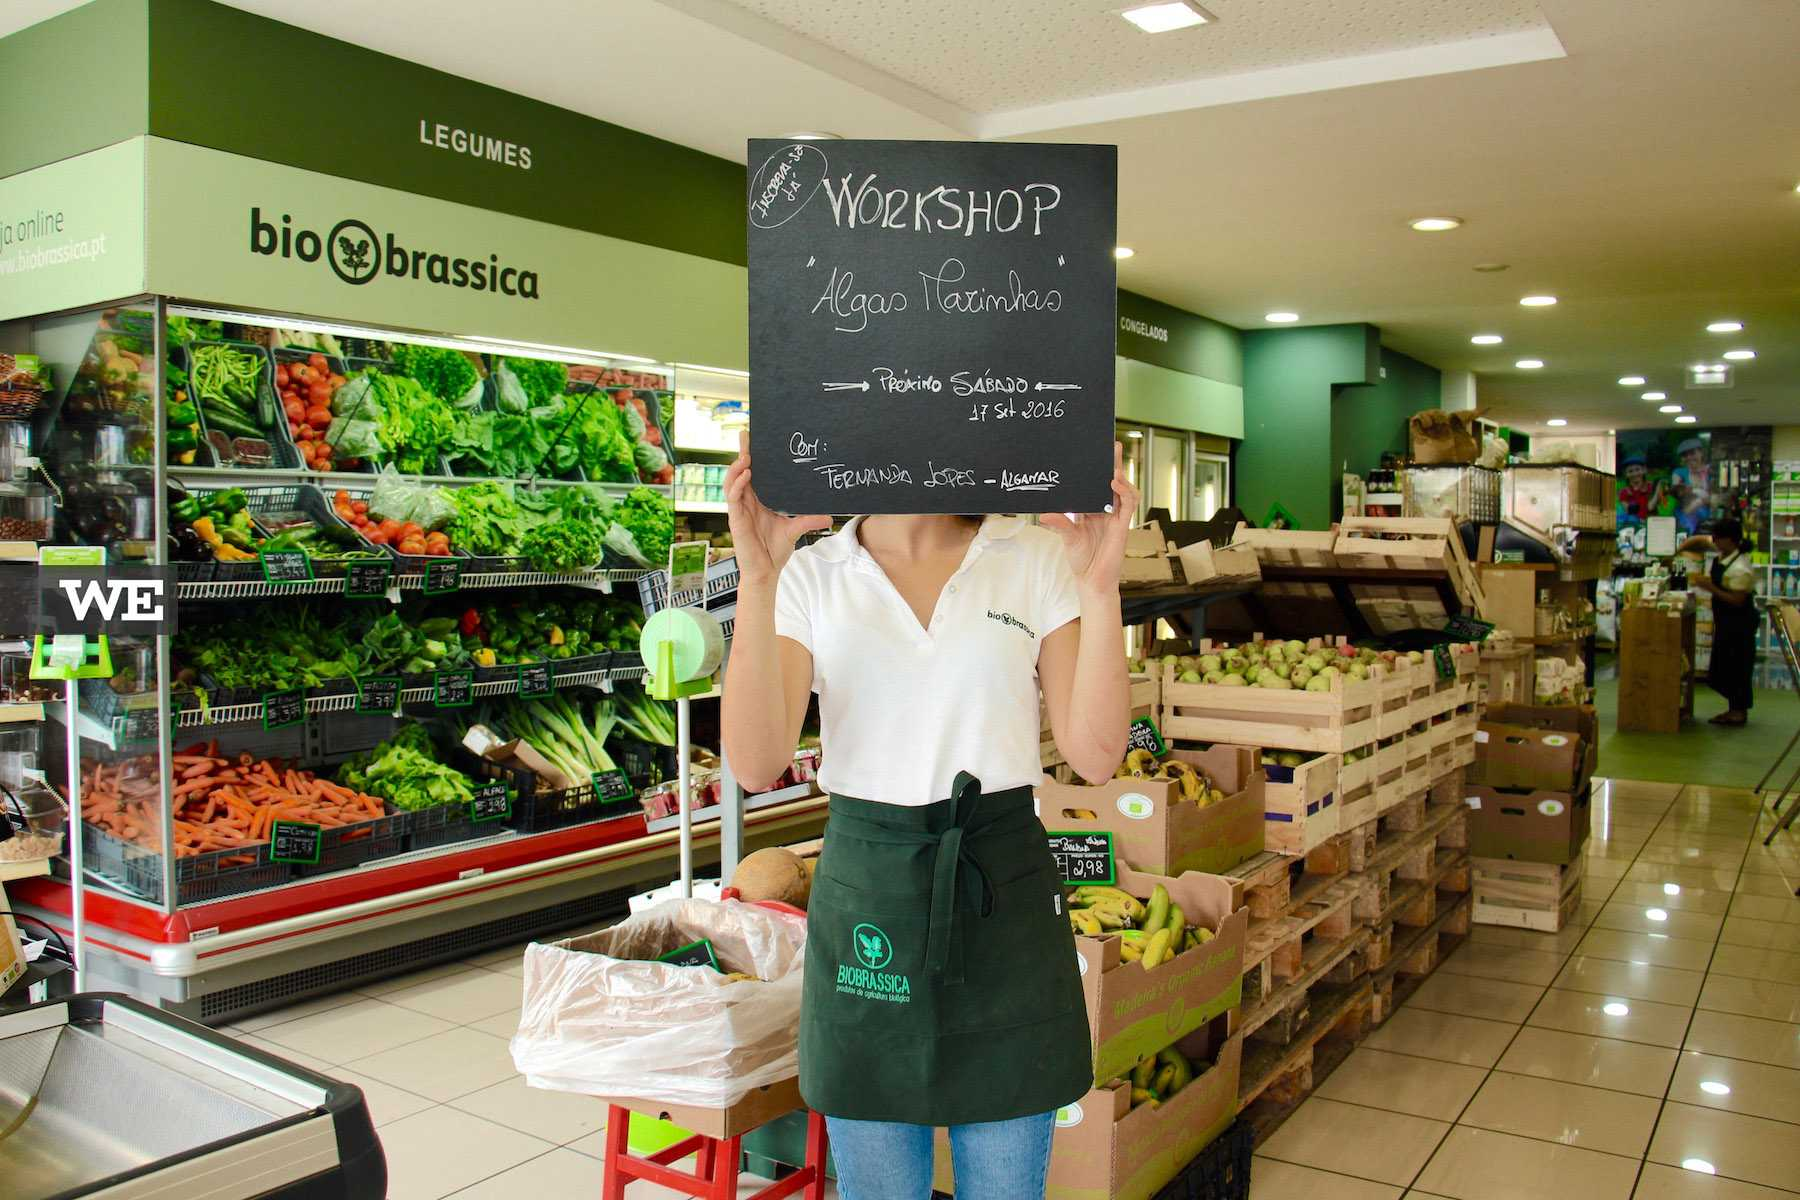 Workshops na Biobrassica, uma loja de produtos biológicos